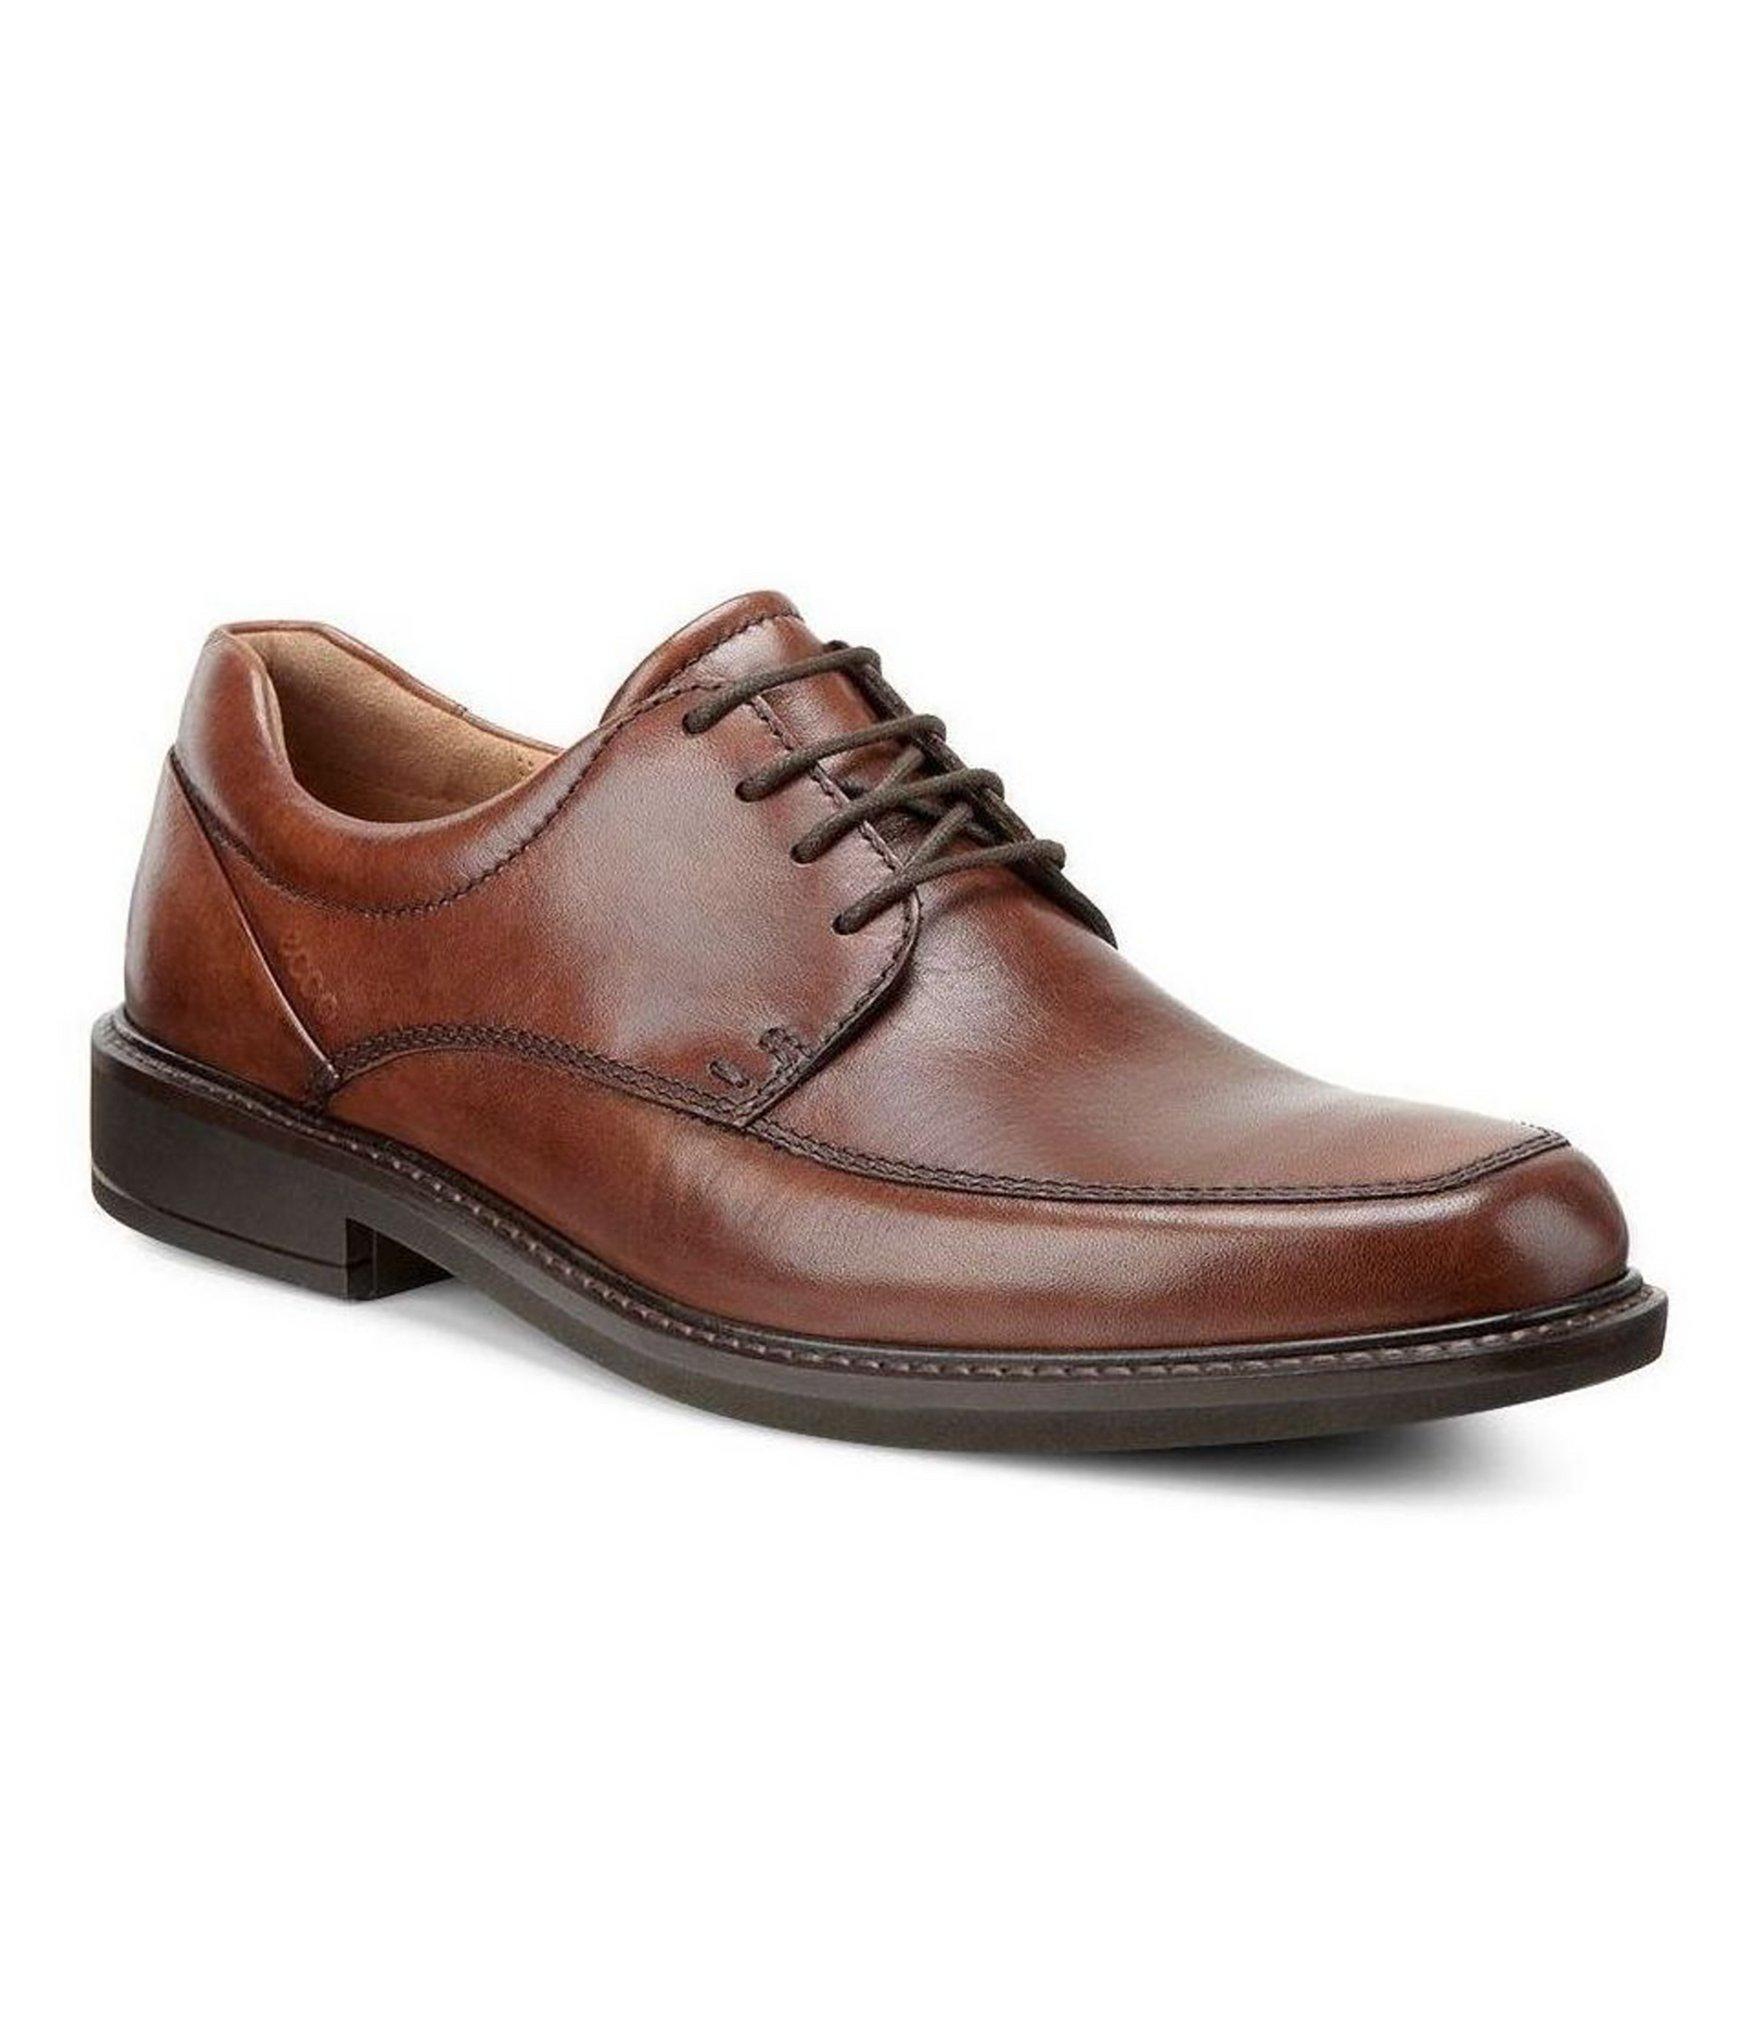 mens shoes shoes   menu0027s shoes   dillards.com DGQPWDC